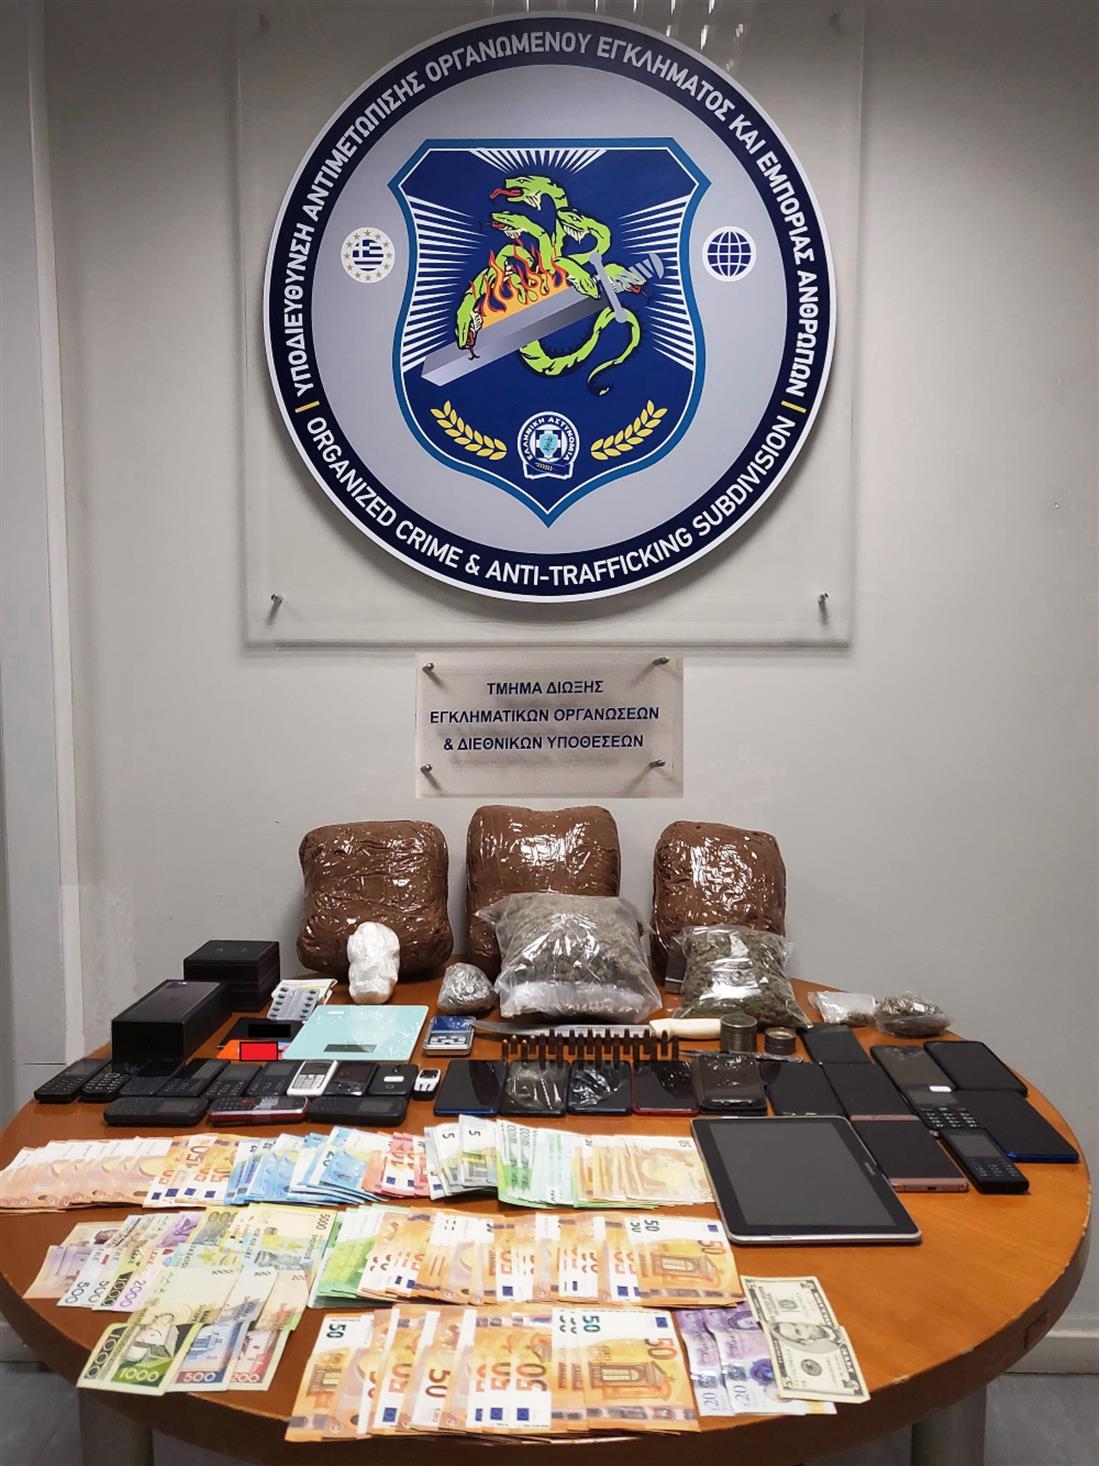 Ναρκωτικά - Ελληνική Αστυνομία - νησιά